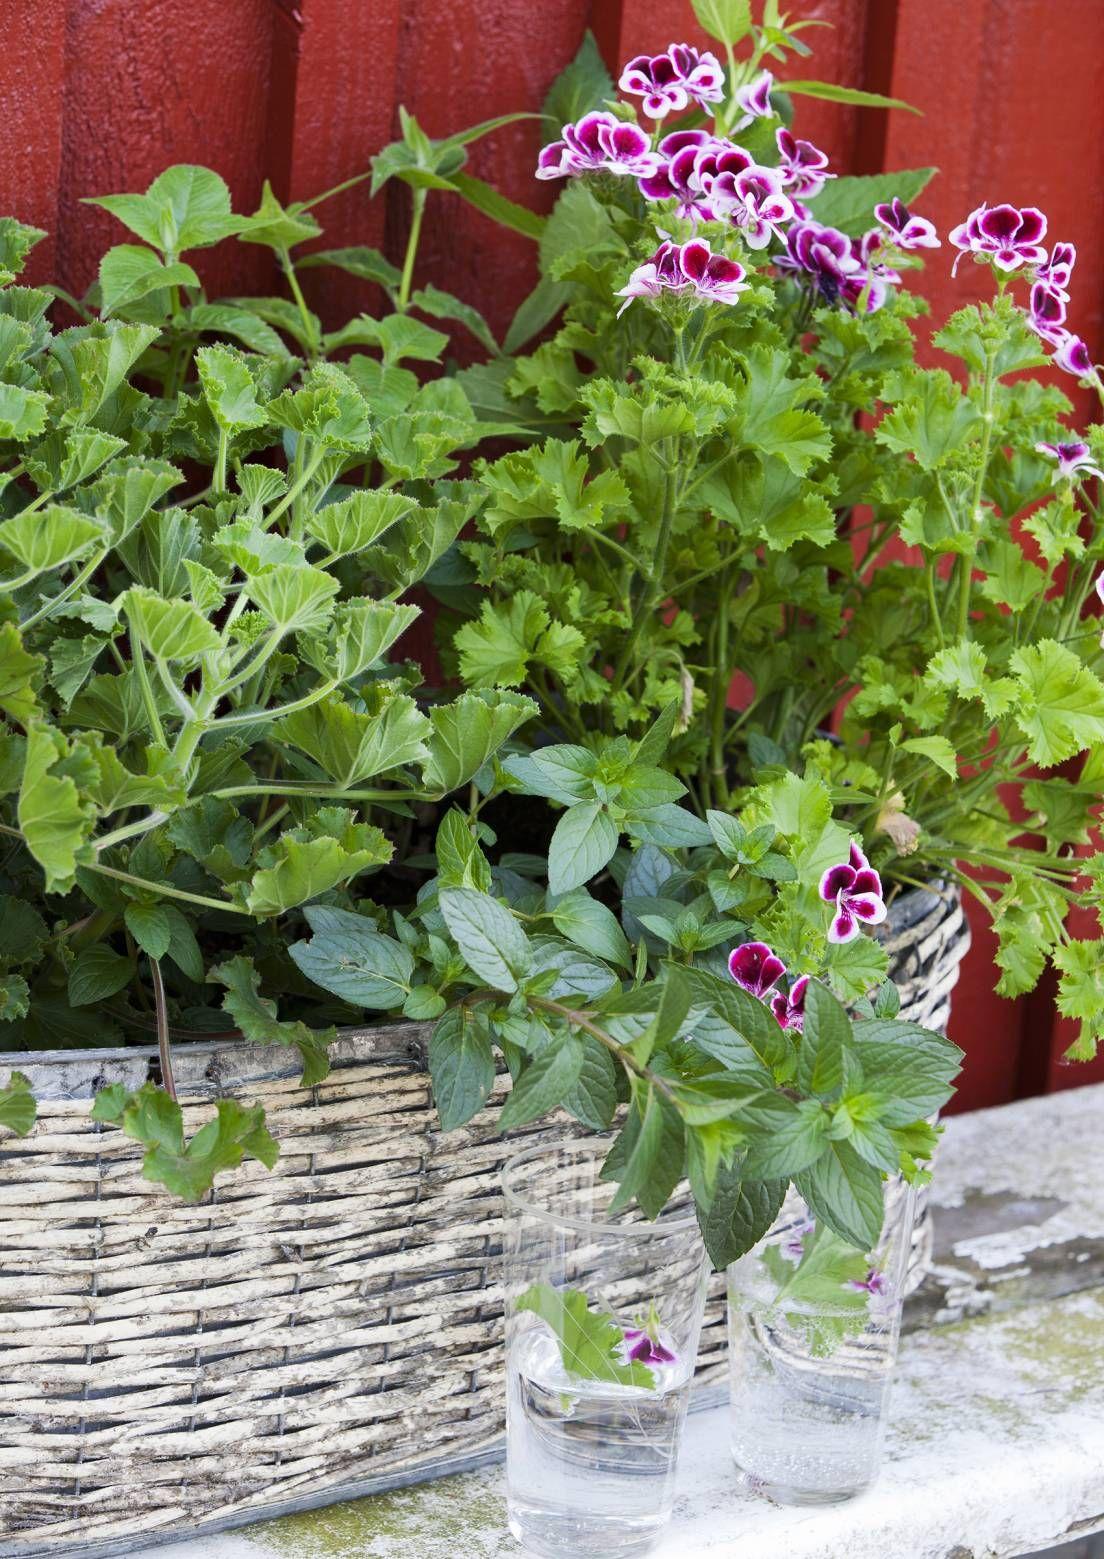 Hyötykasvien parvekeviljely onnistuu erilaisissa ruukuissa. Lue Viherpihan vinkit ja kasvata parvekkeella vaikka mansikoita, perunoita ja porkkanaa!